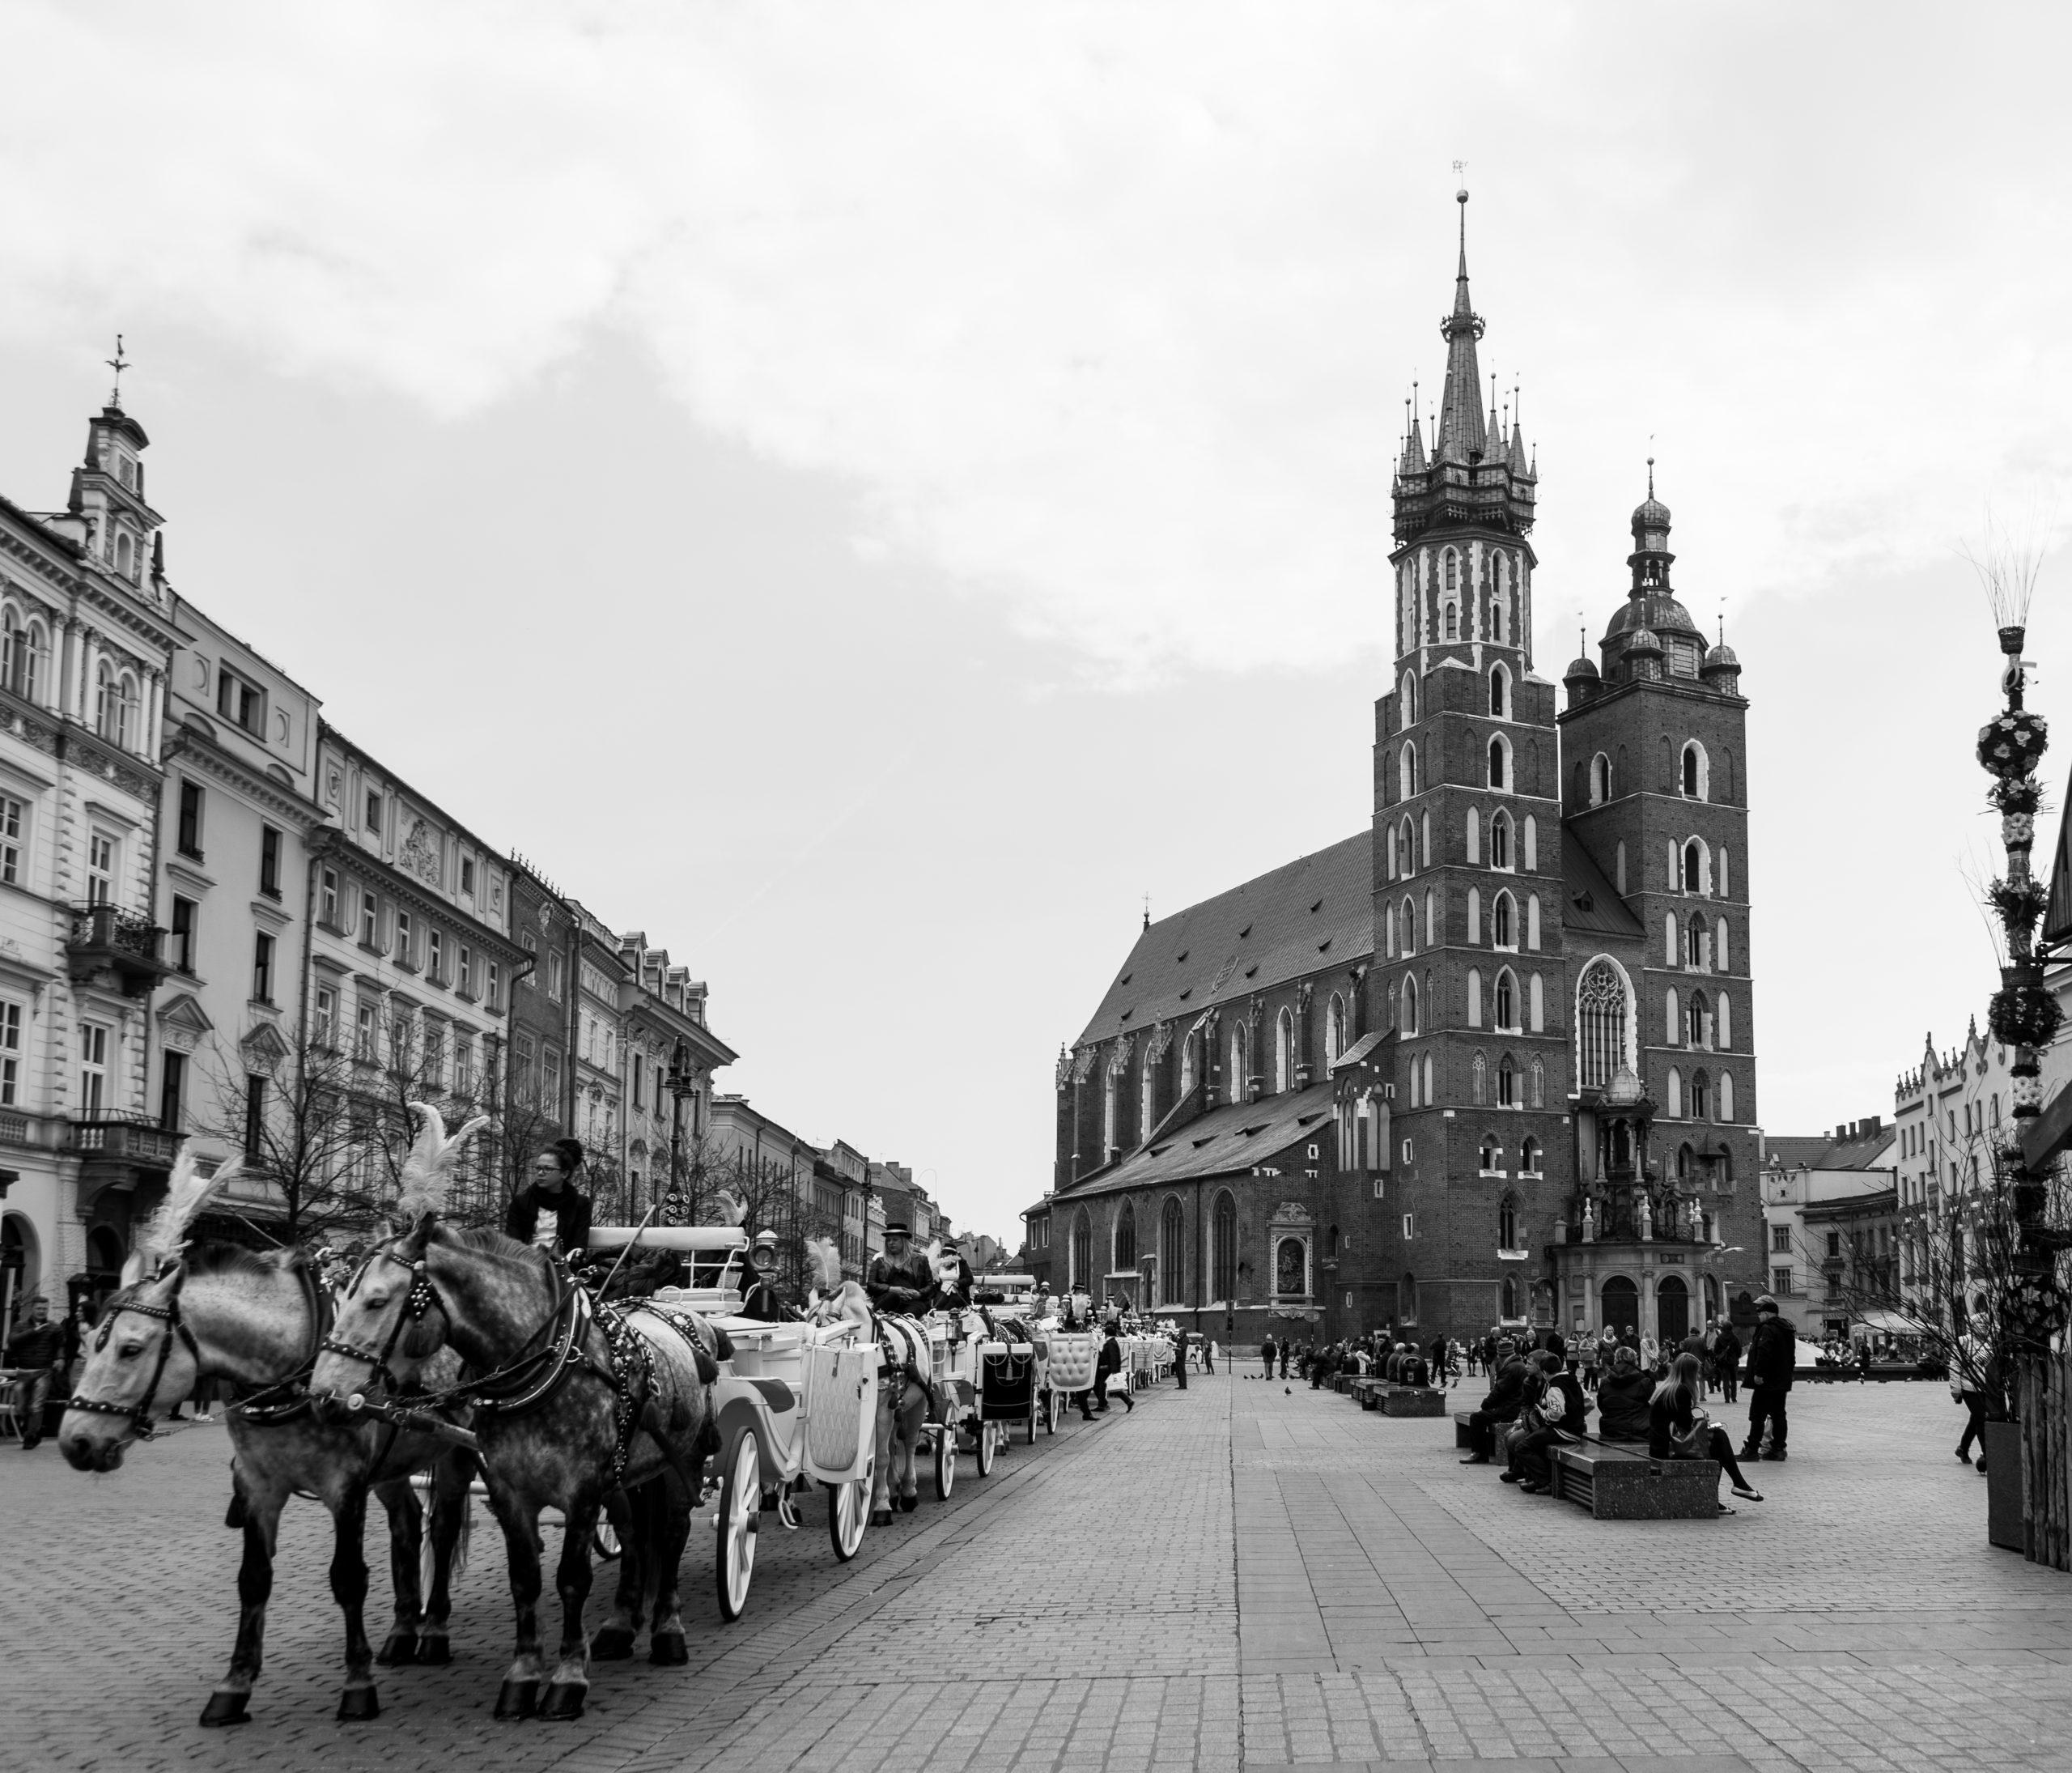 Old Town, Kraków, Poland, Europe